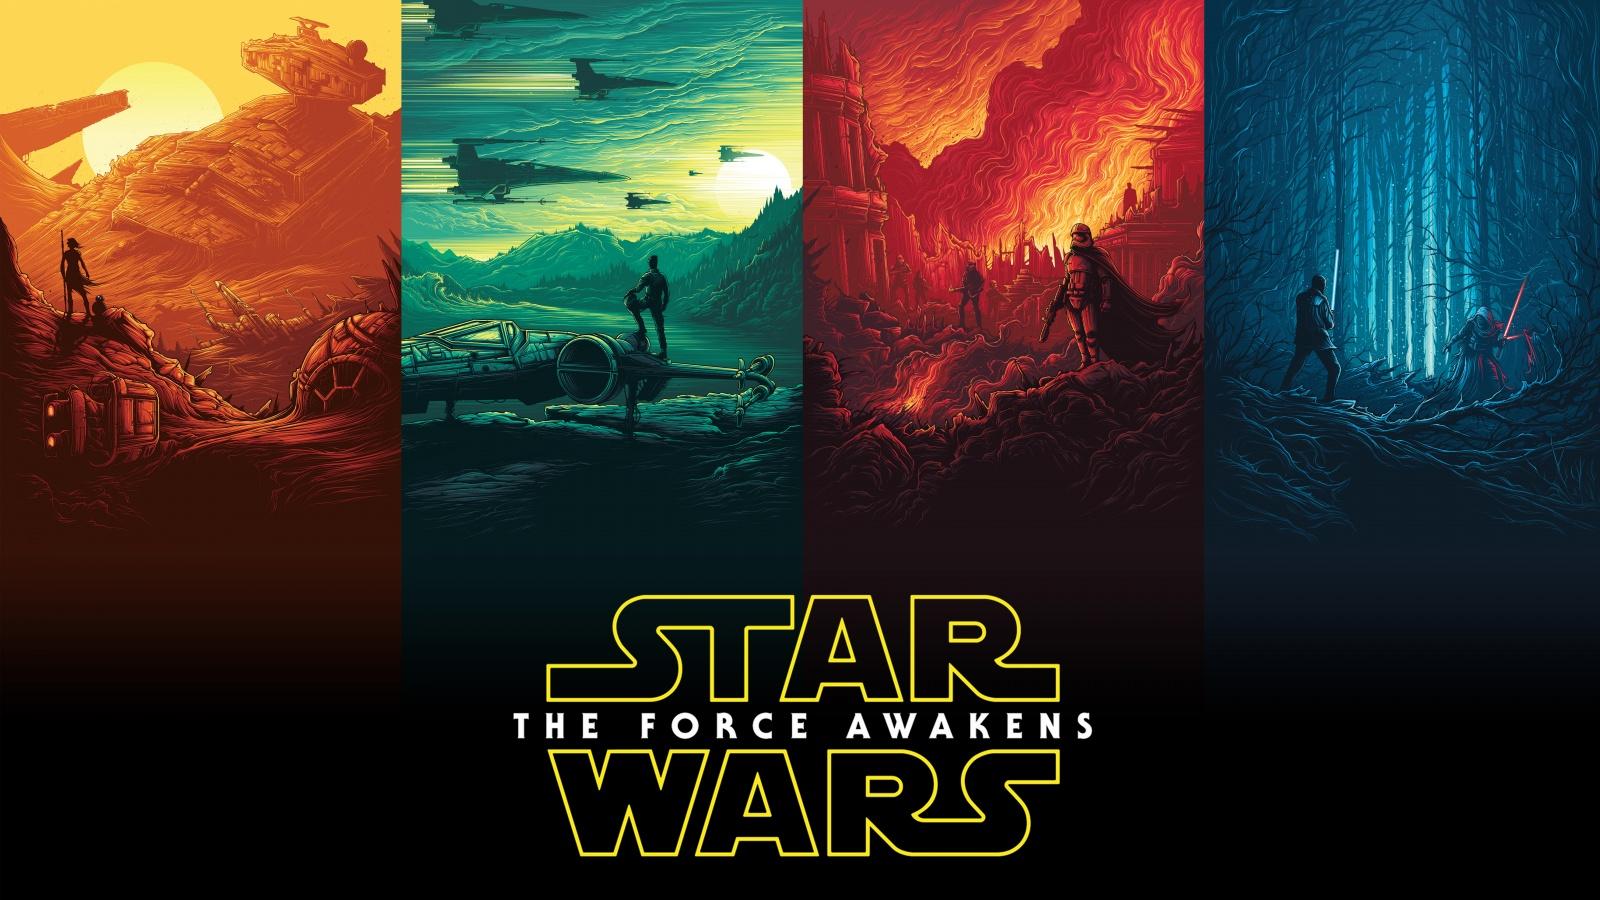 Rey Finn Kylo Ren Han Solo Luke Skywalker Star Wars Wallpapers HD 1600x900